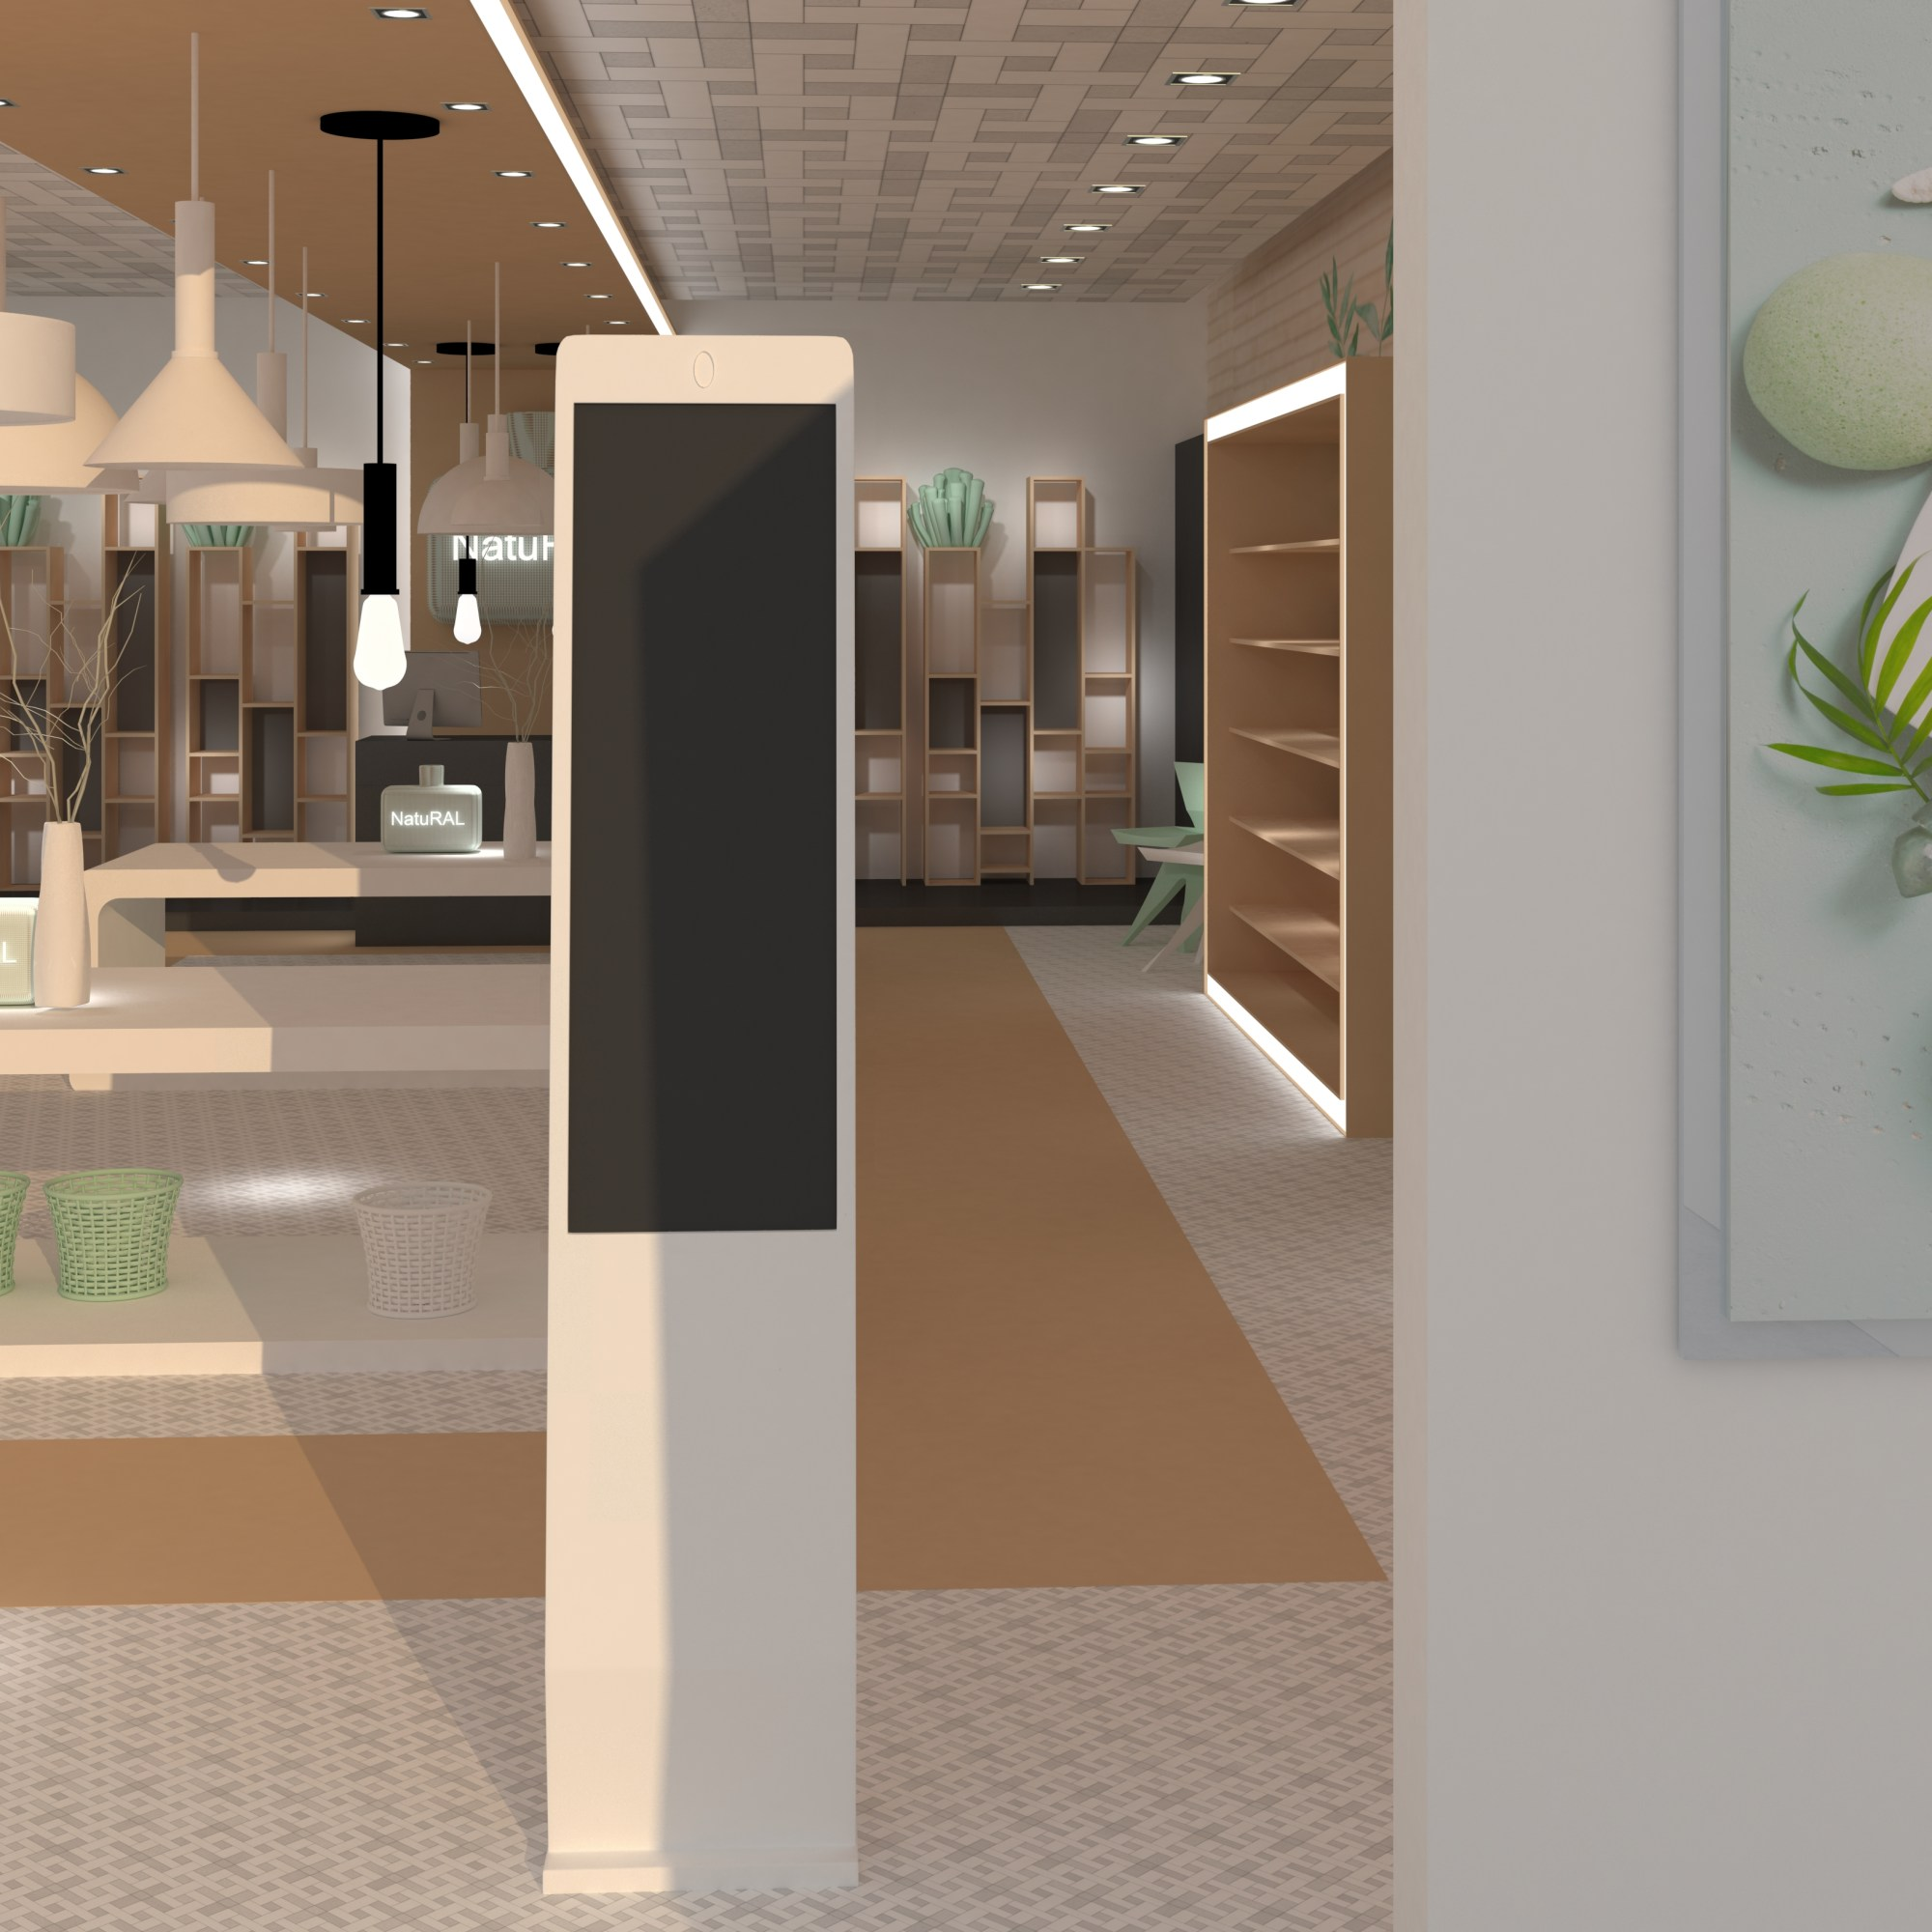 Diseño de tienda con digital signage. Escaparatismo.